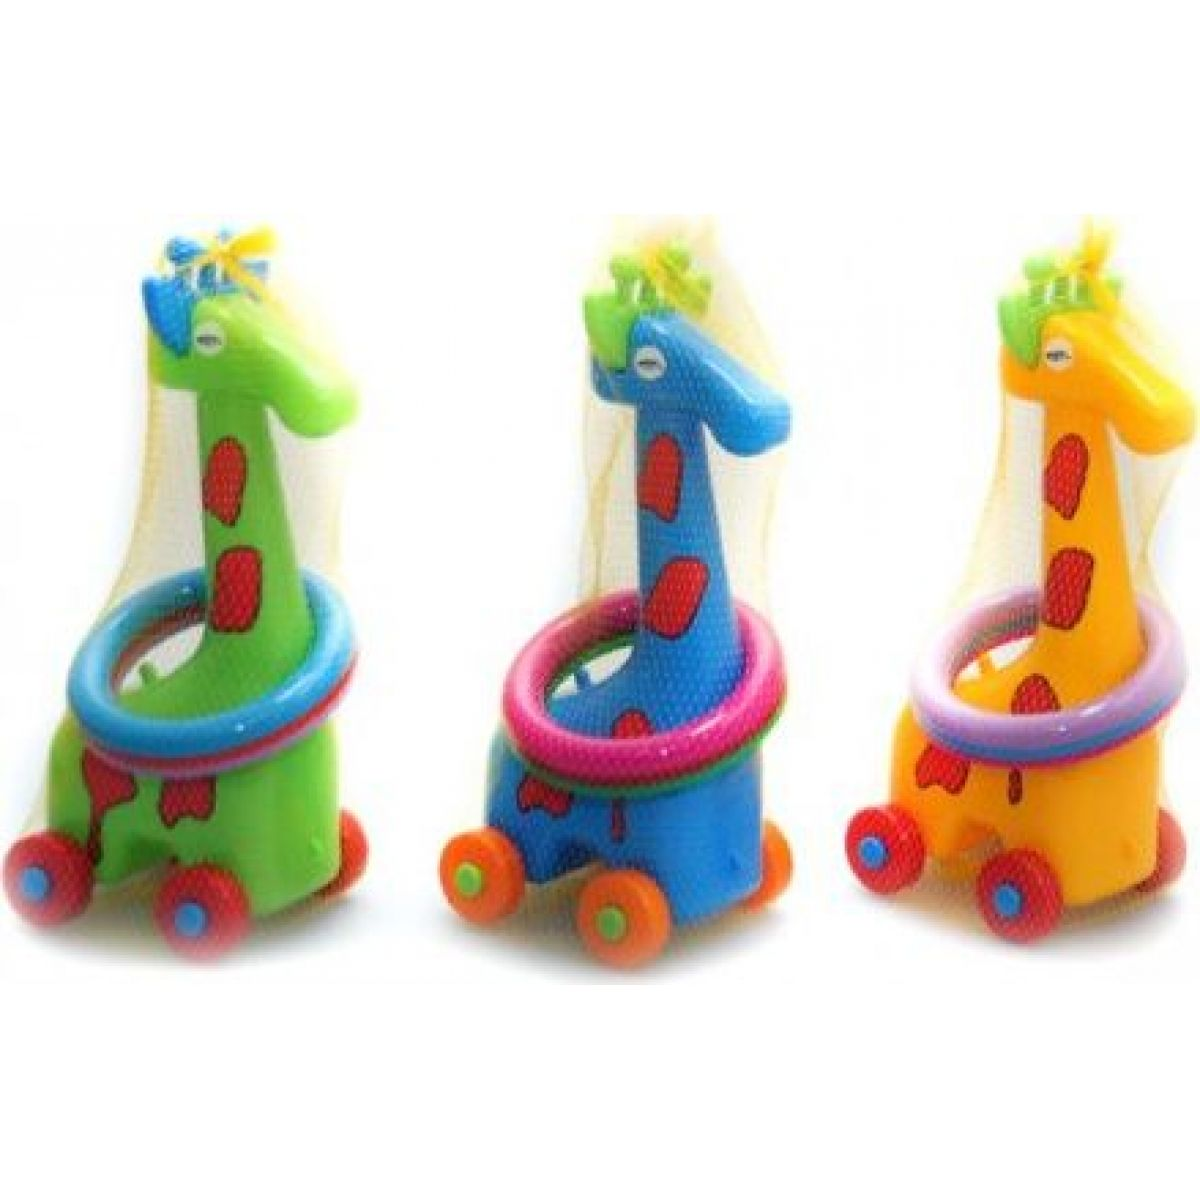 Toy Žirafa plastová s kroužky na kolečkách - zelená